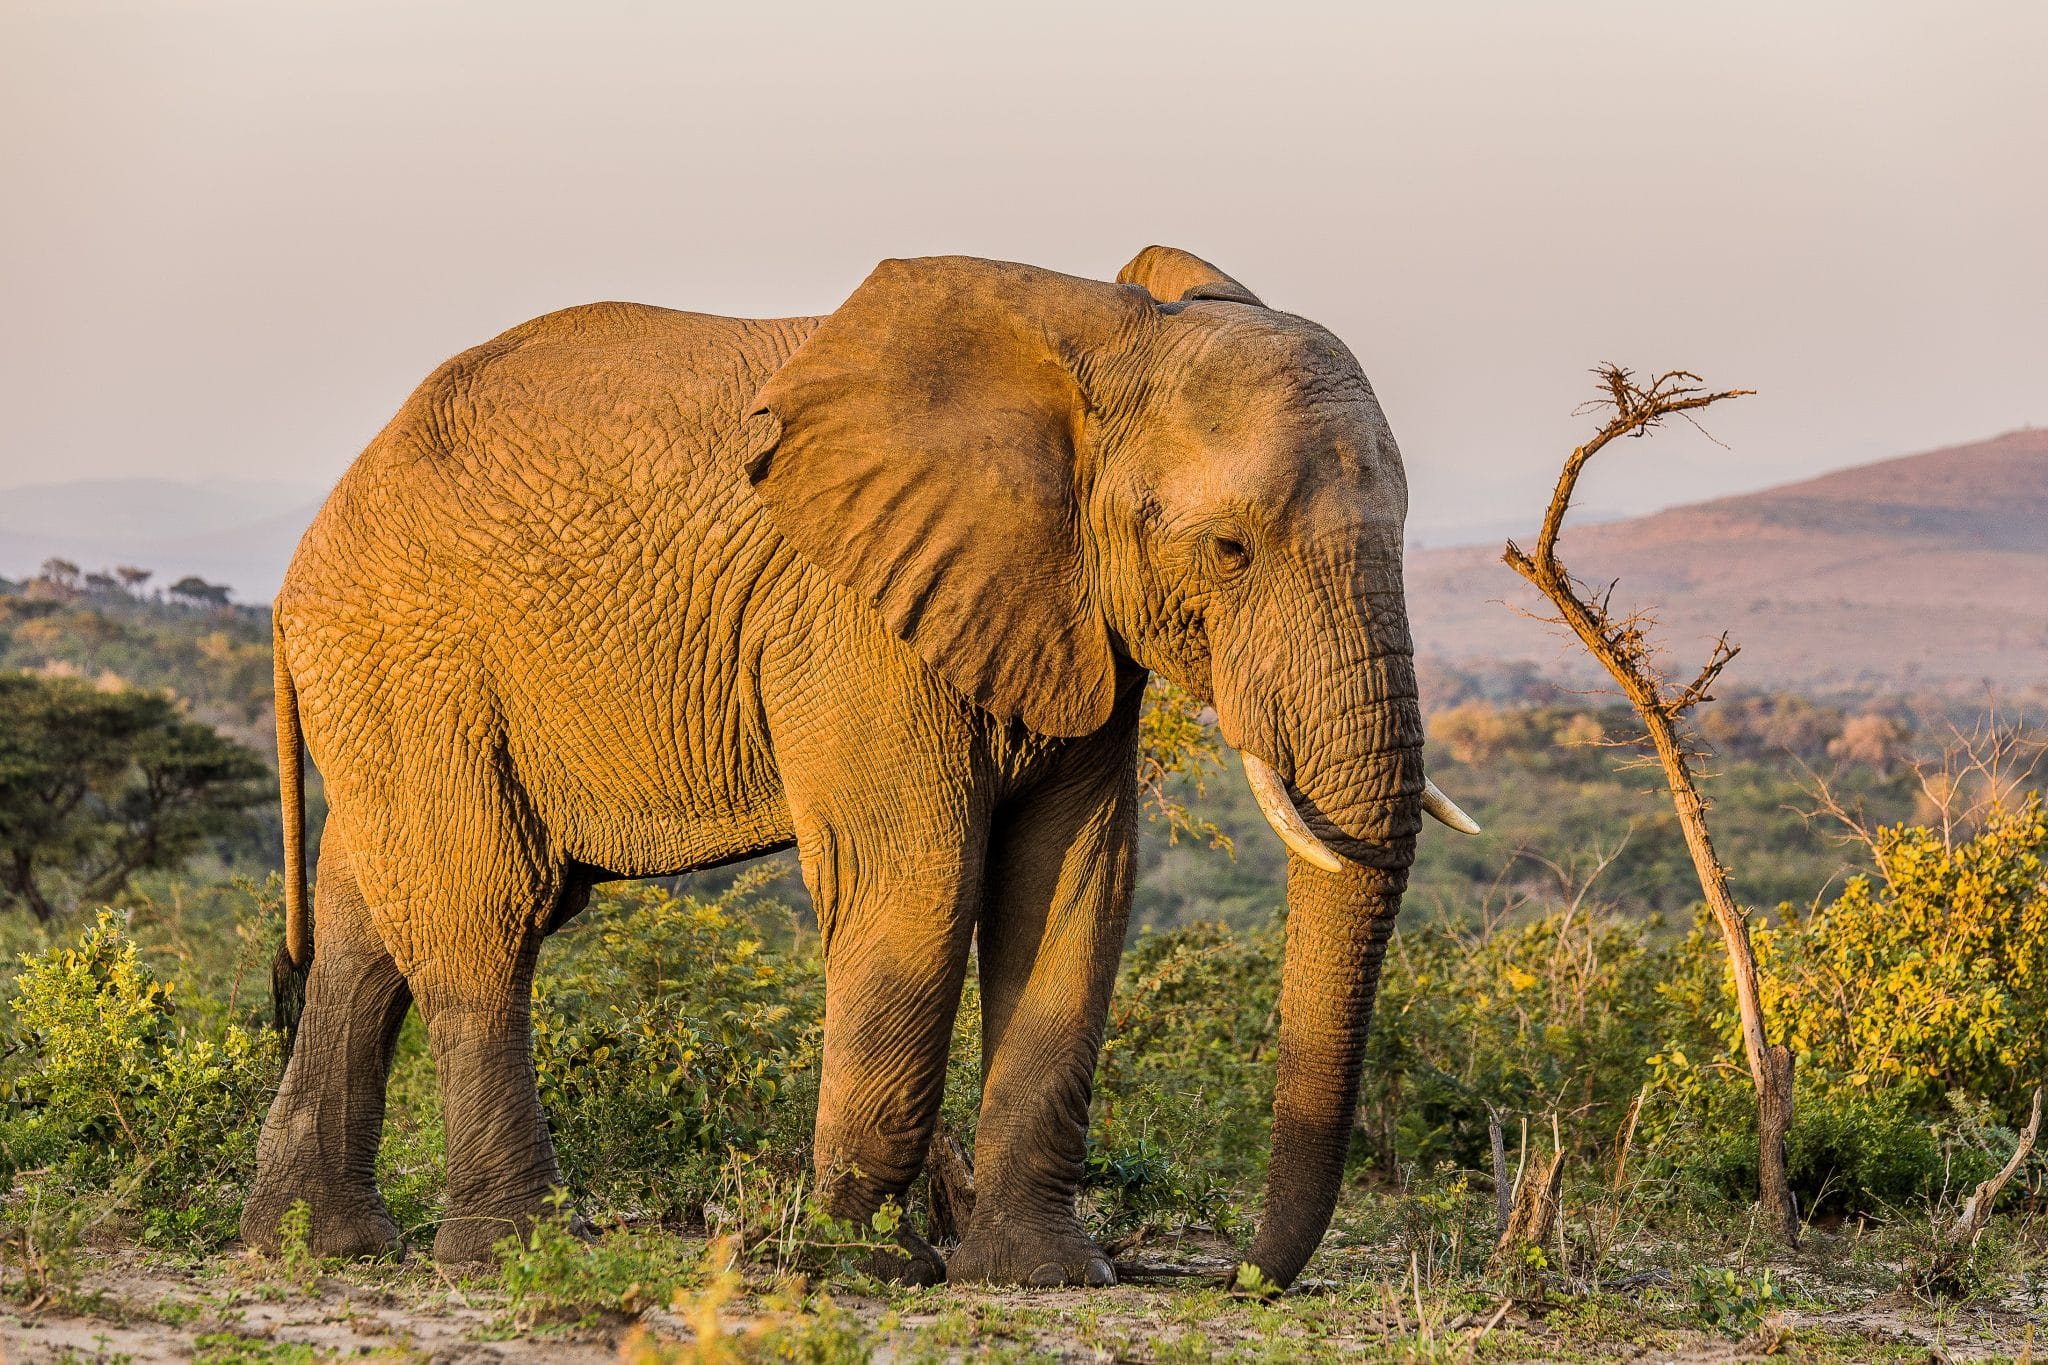 hluhluwe-imfolozi park animal elephant